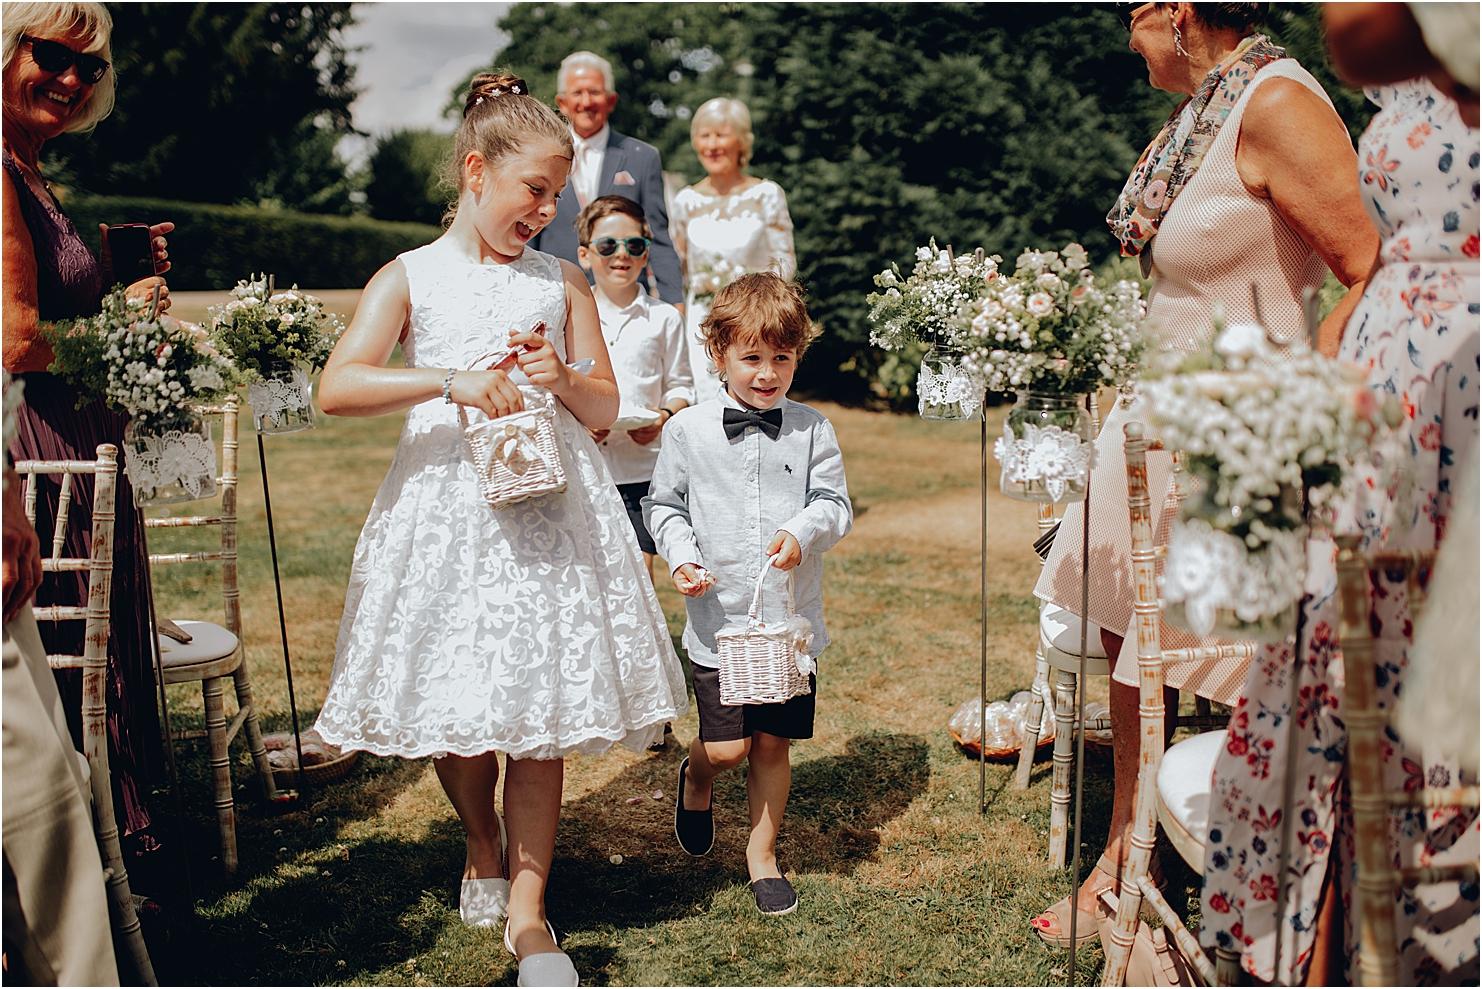 fotos de boda en exterior-25.jpg